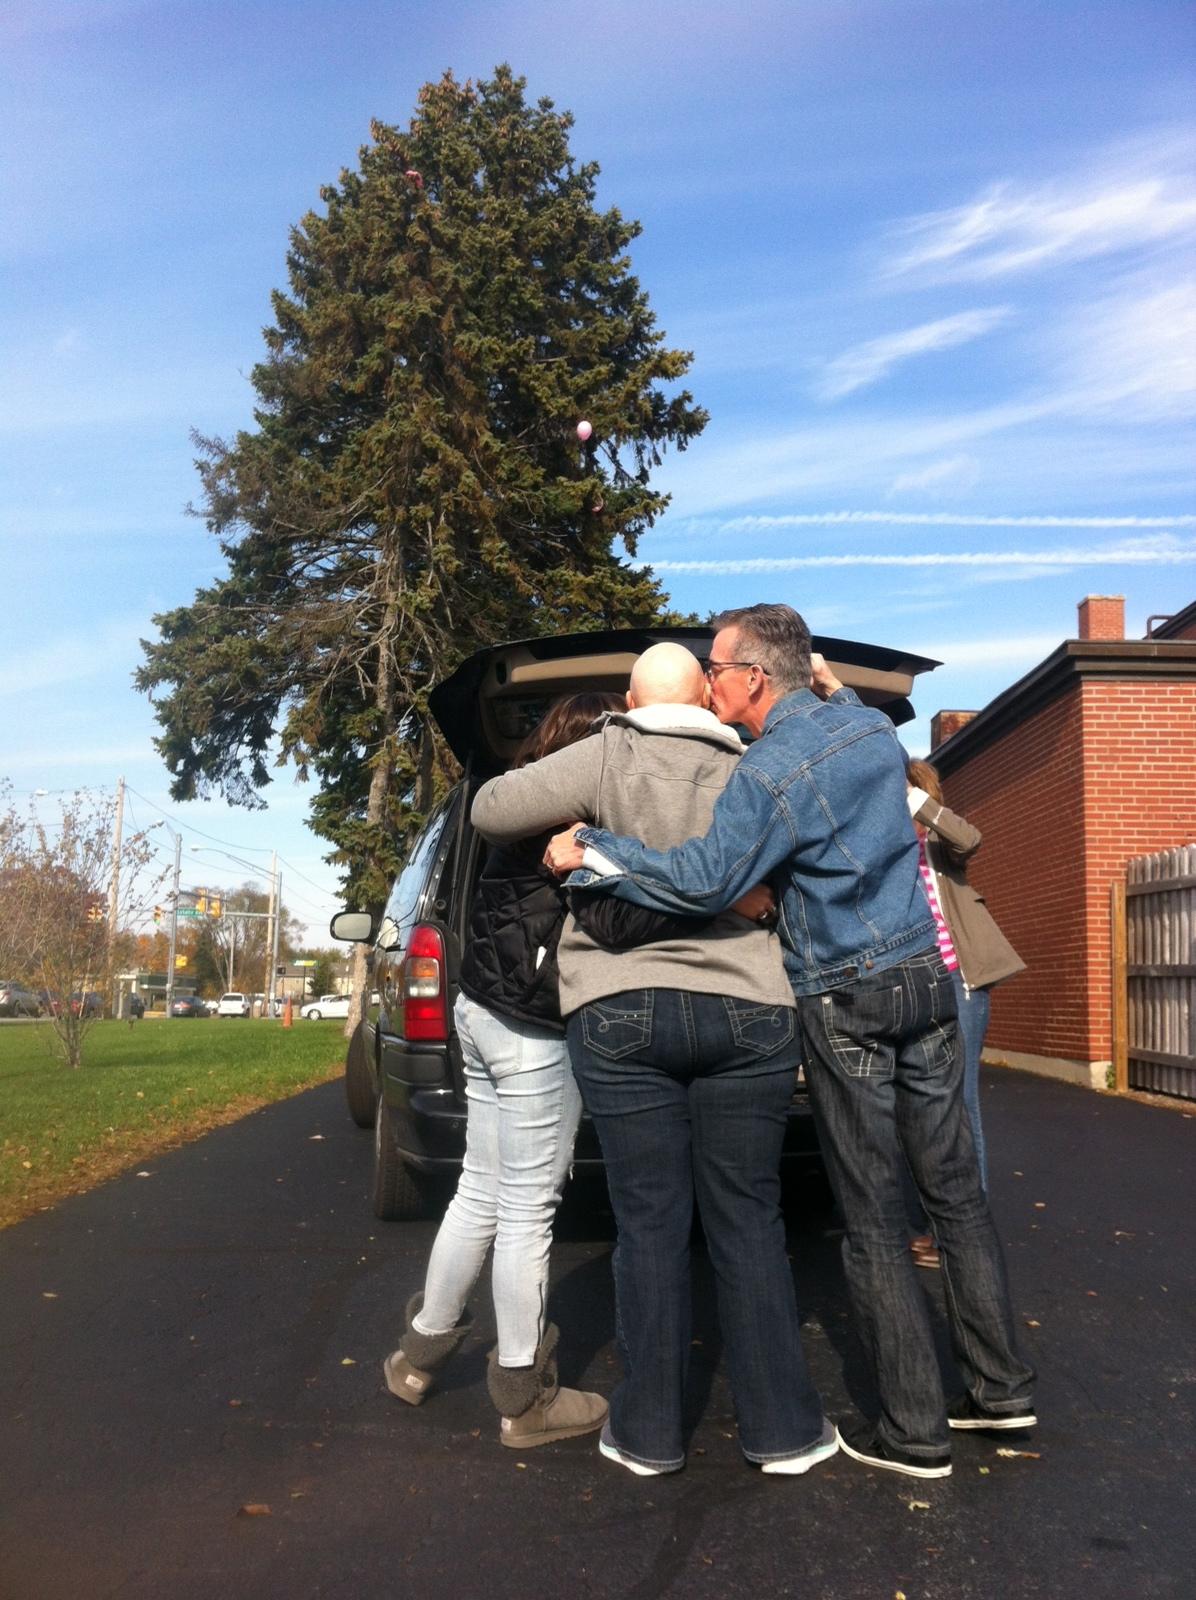 A memorable family hug